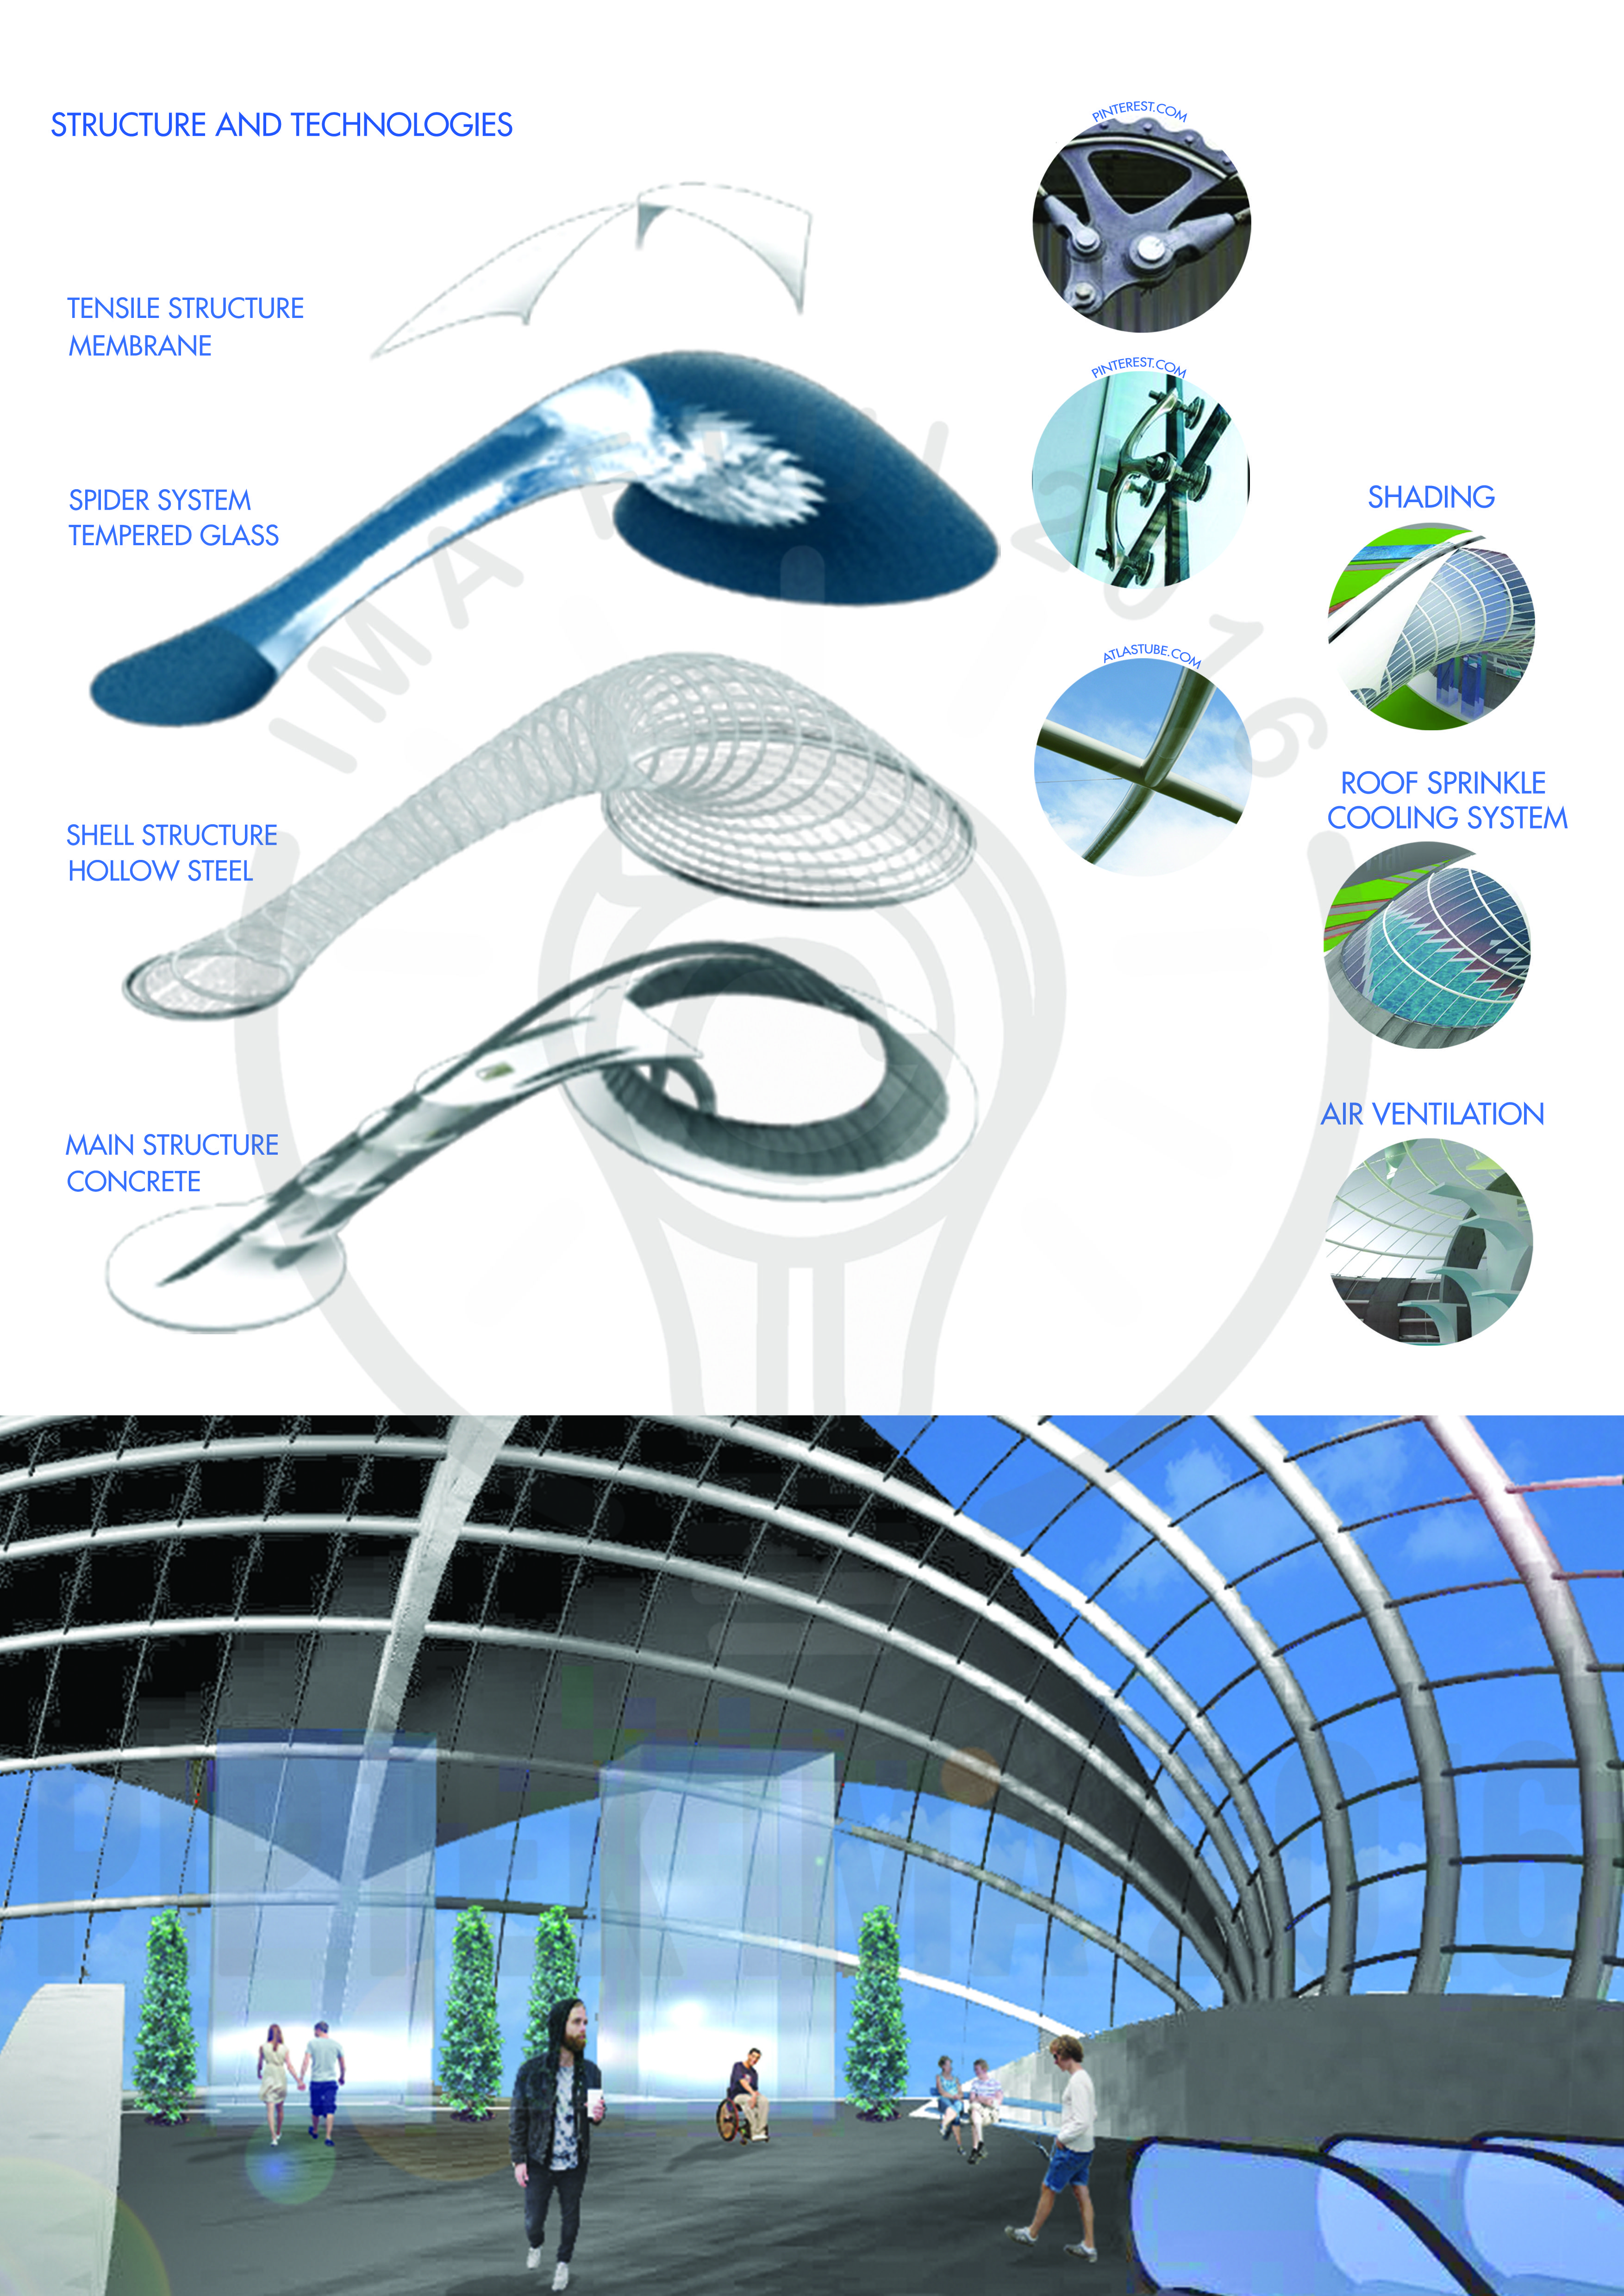 Thamrin Aquatic Center 4 4 Prisca Winata Arsitektur 2013 Concept Architecture Green Architecture Architecture Sketch